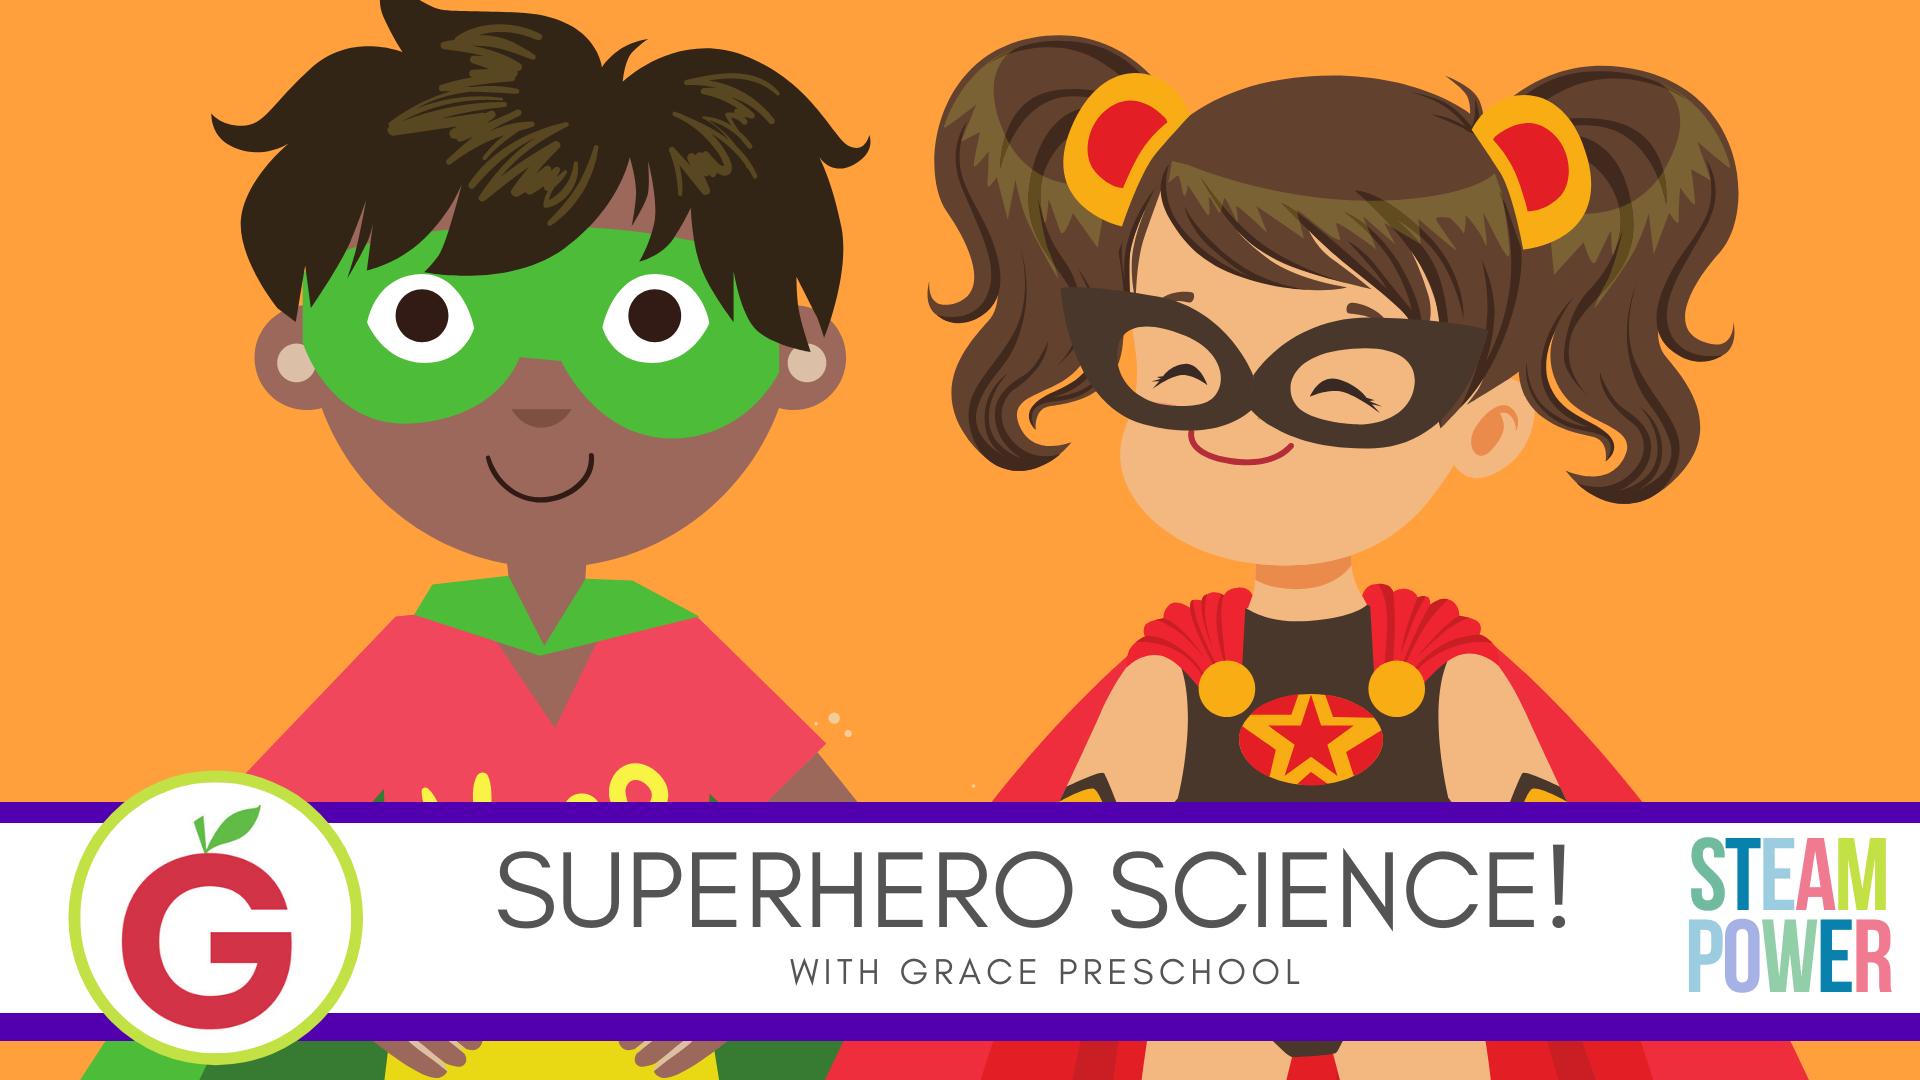 Superhero Science